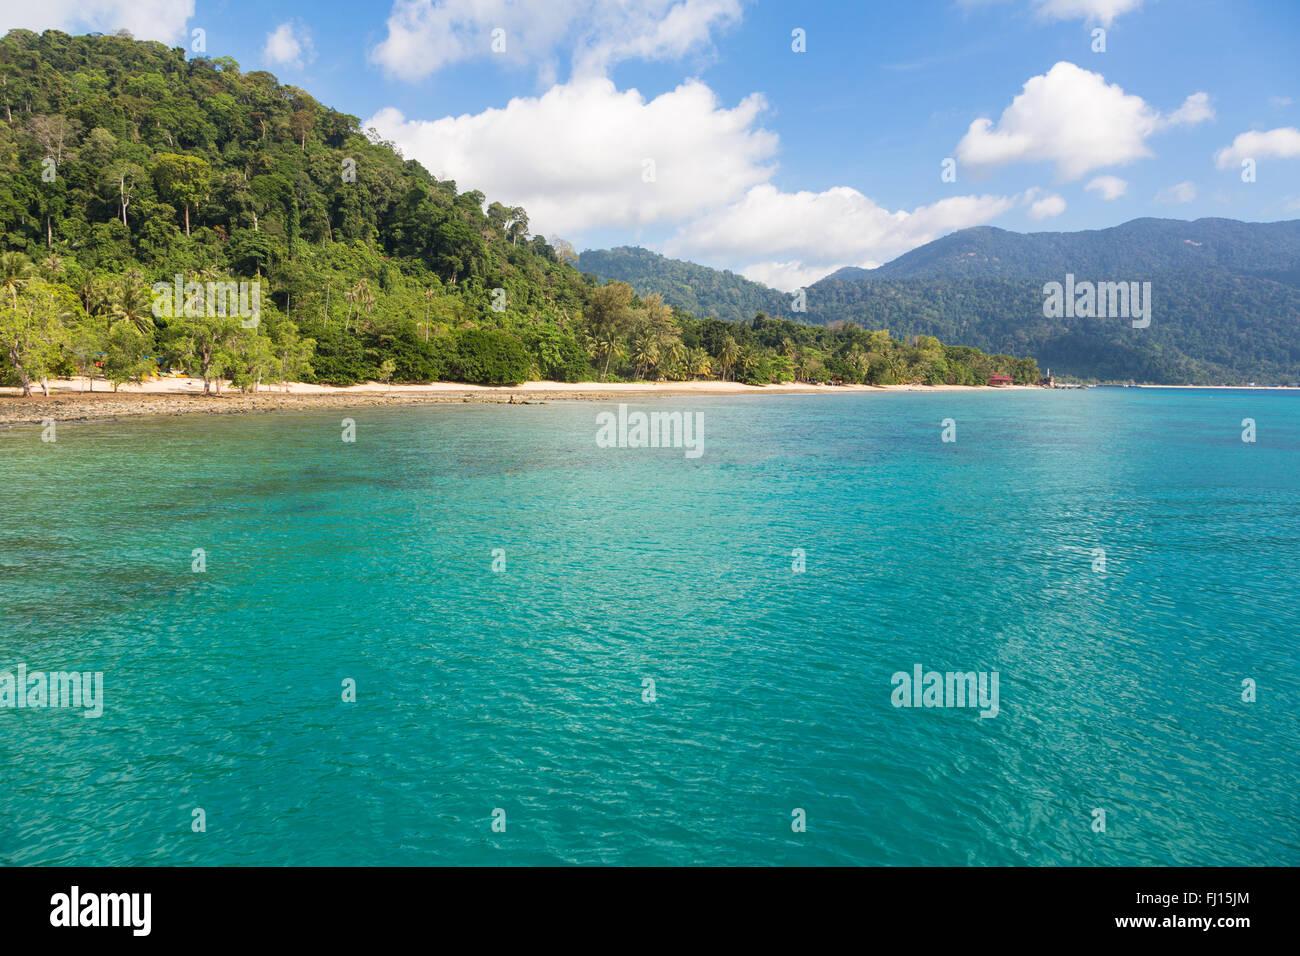 L'île de Tioman est une magnifique île tropicale au large de la côte est de la péninsule Photo Stock